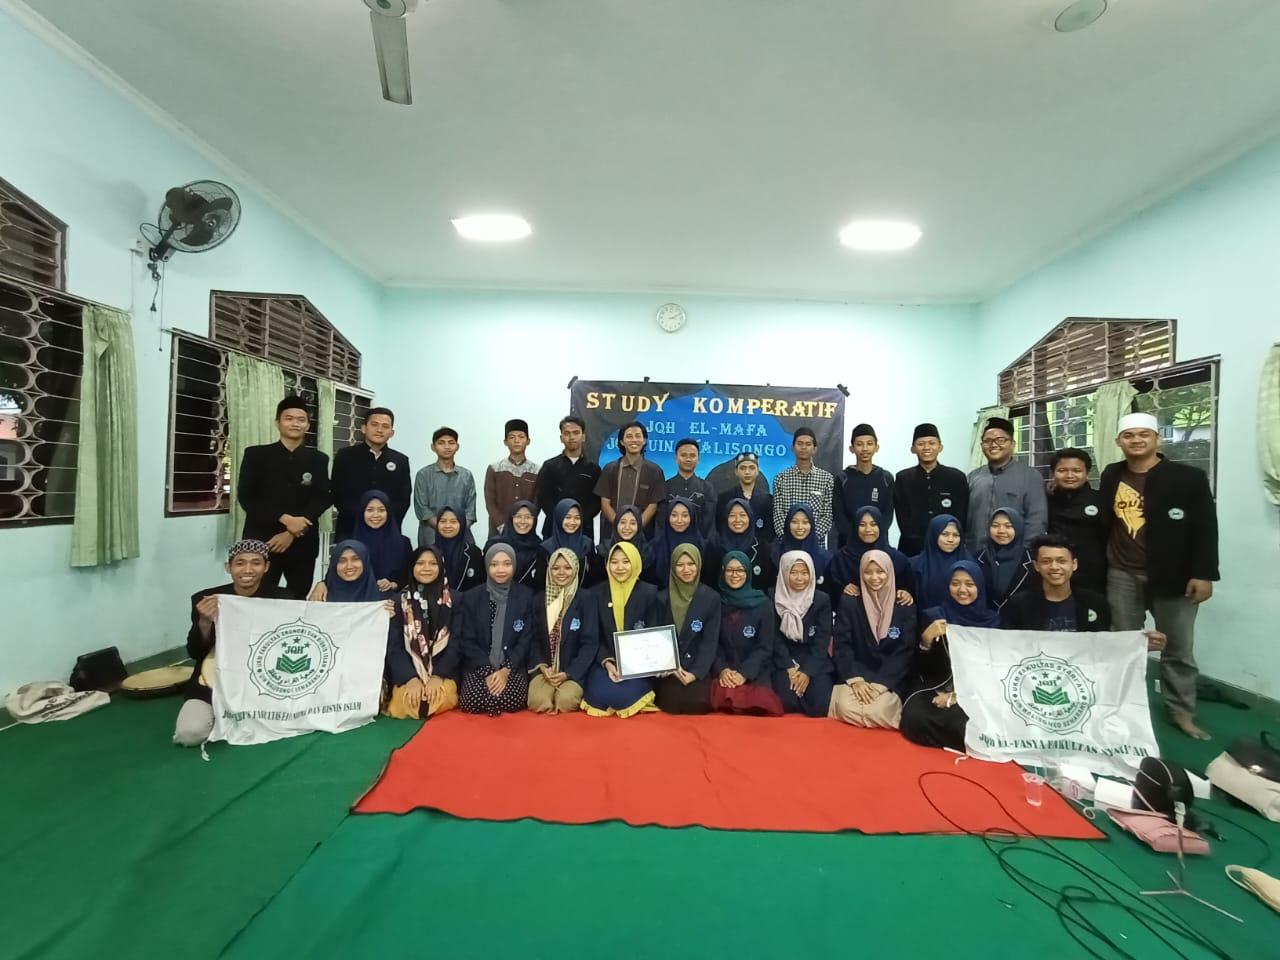 Kunjungan UKM JQH El-Mafa IPMAFA Pati